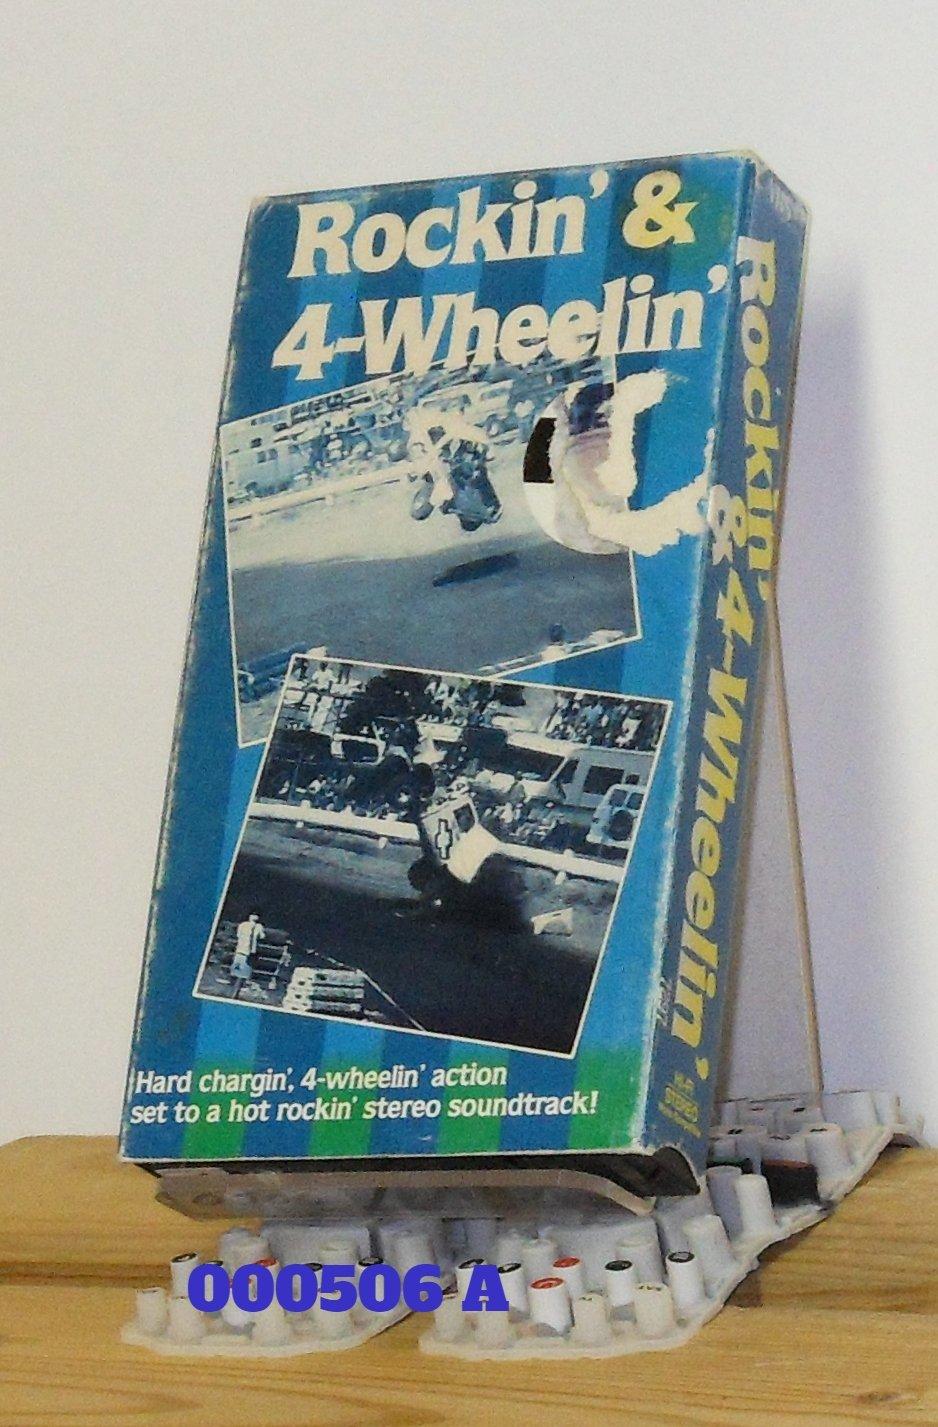 VHS - ROCKIN' & 4-WHEELIN'